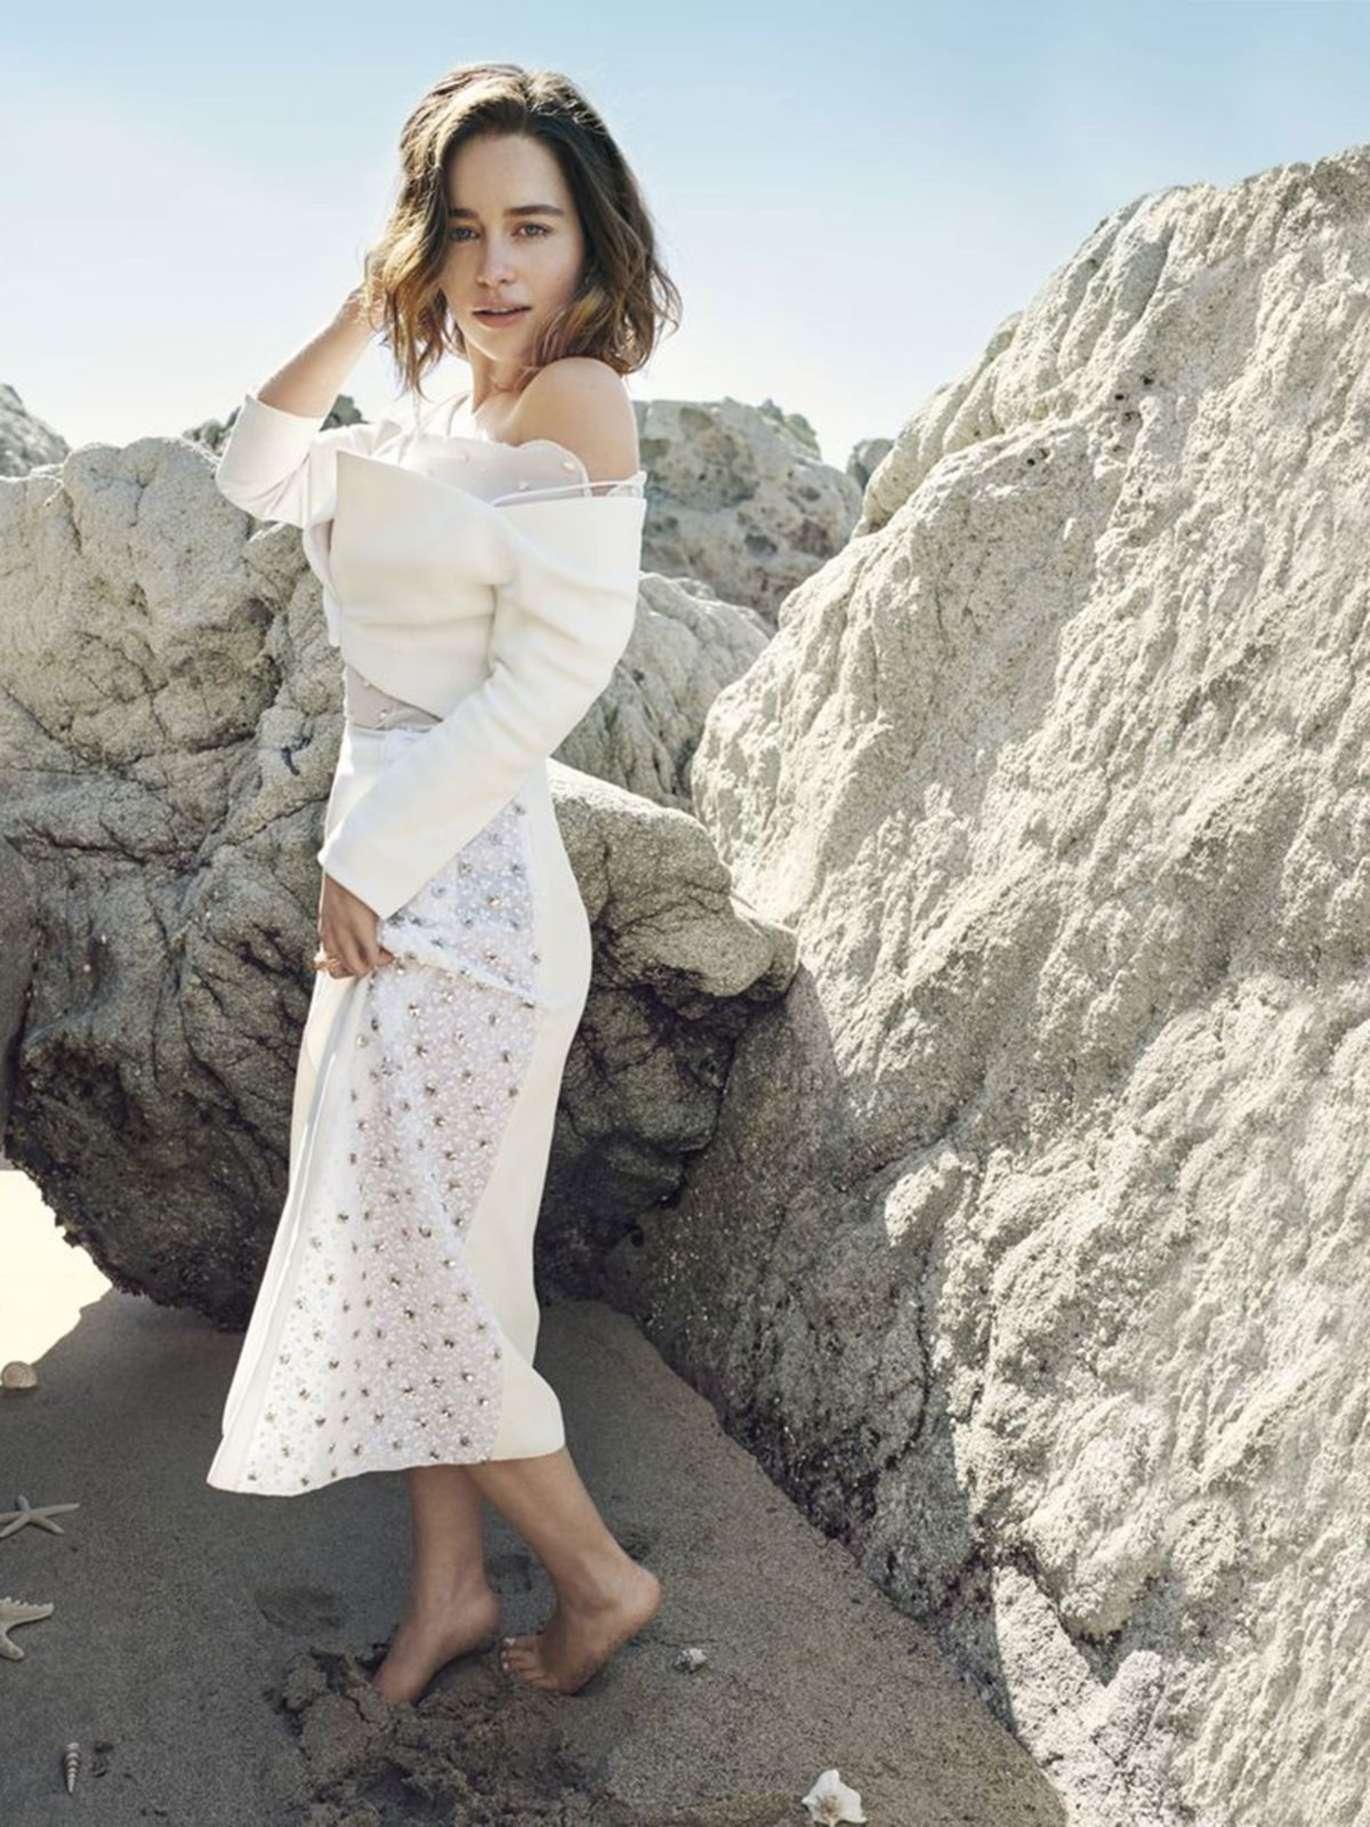 Emilia Clarke Harpers Bazaar 2016 06 Gotceleb